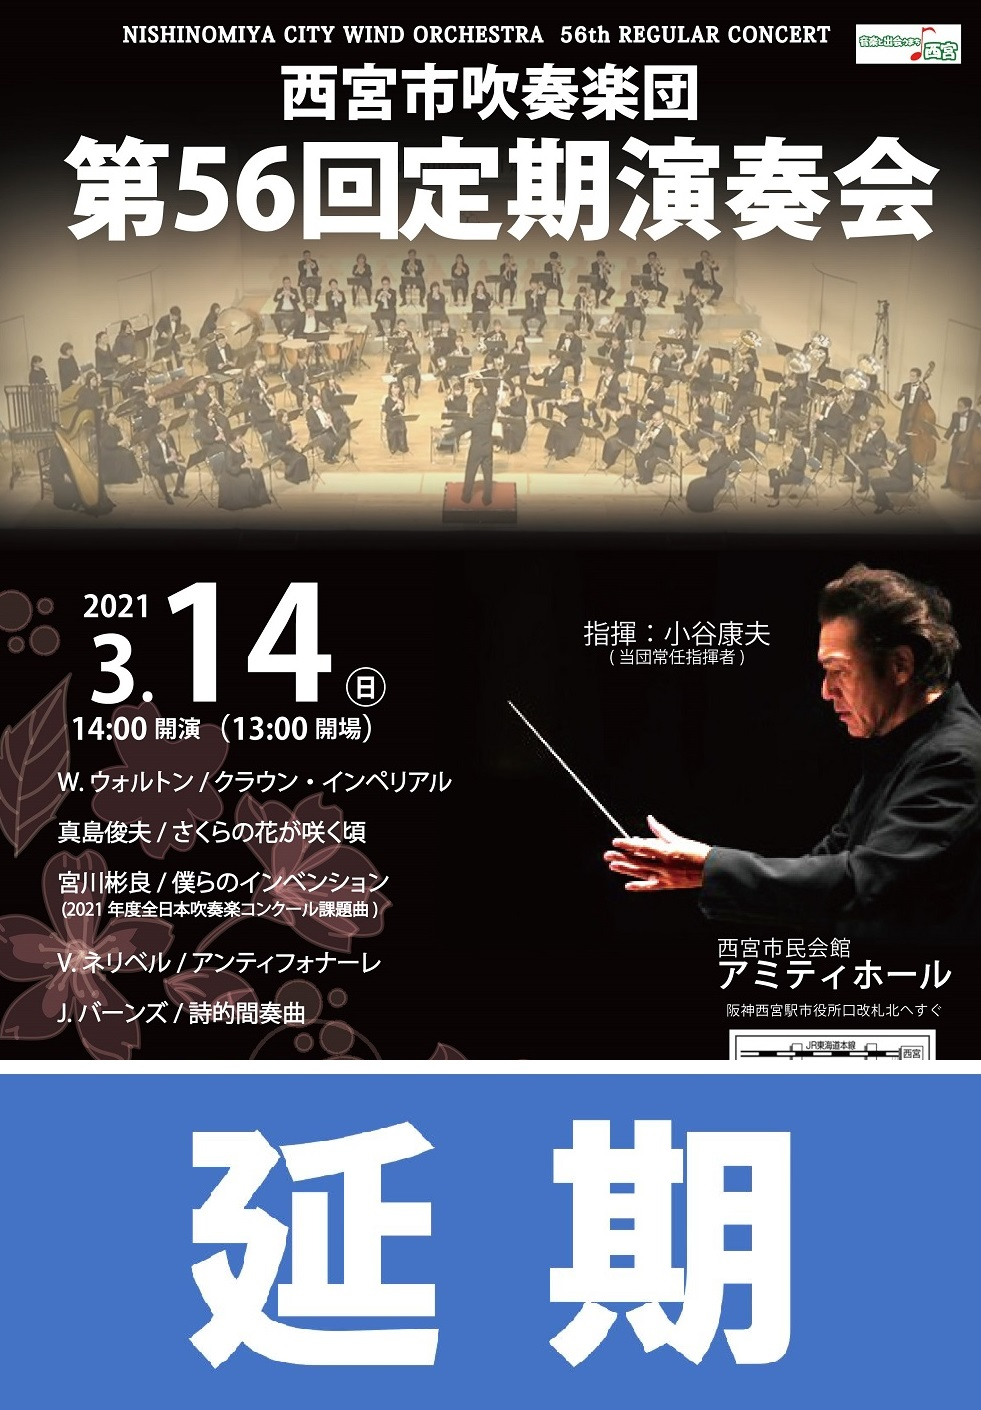 【本催しは延期になりました】西宮市吹奏楽団第56回定期演奏会